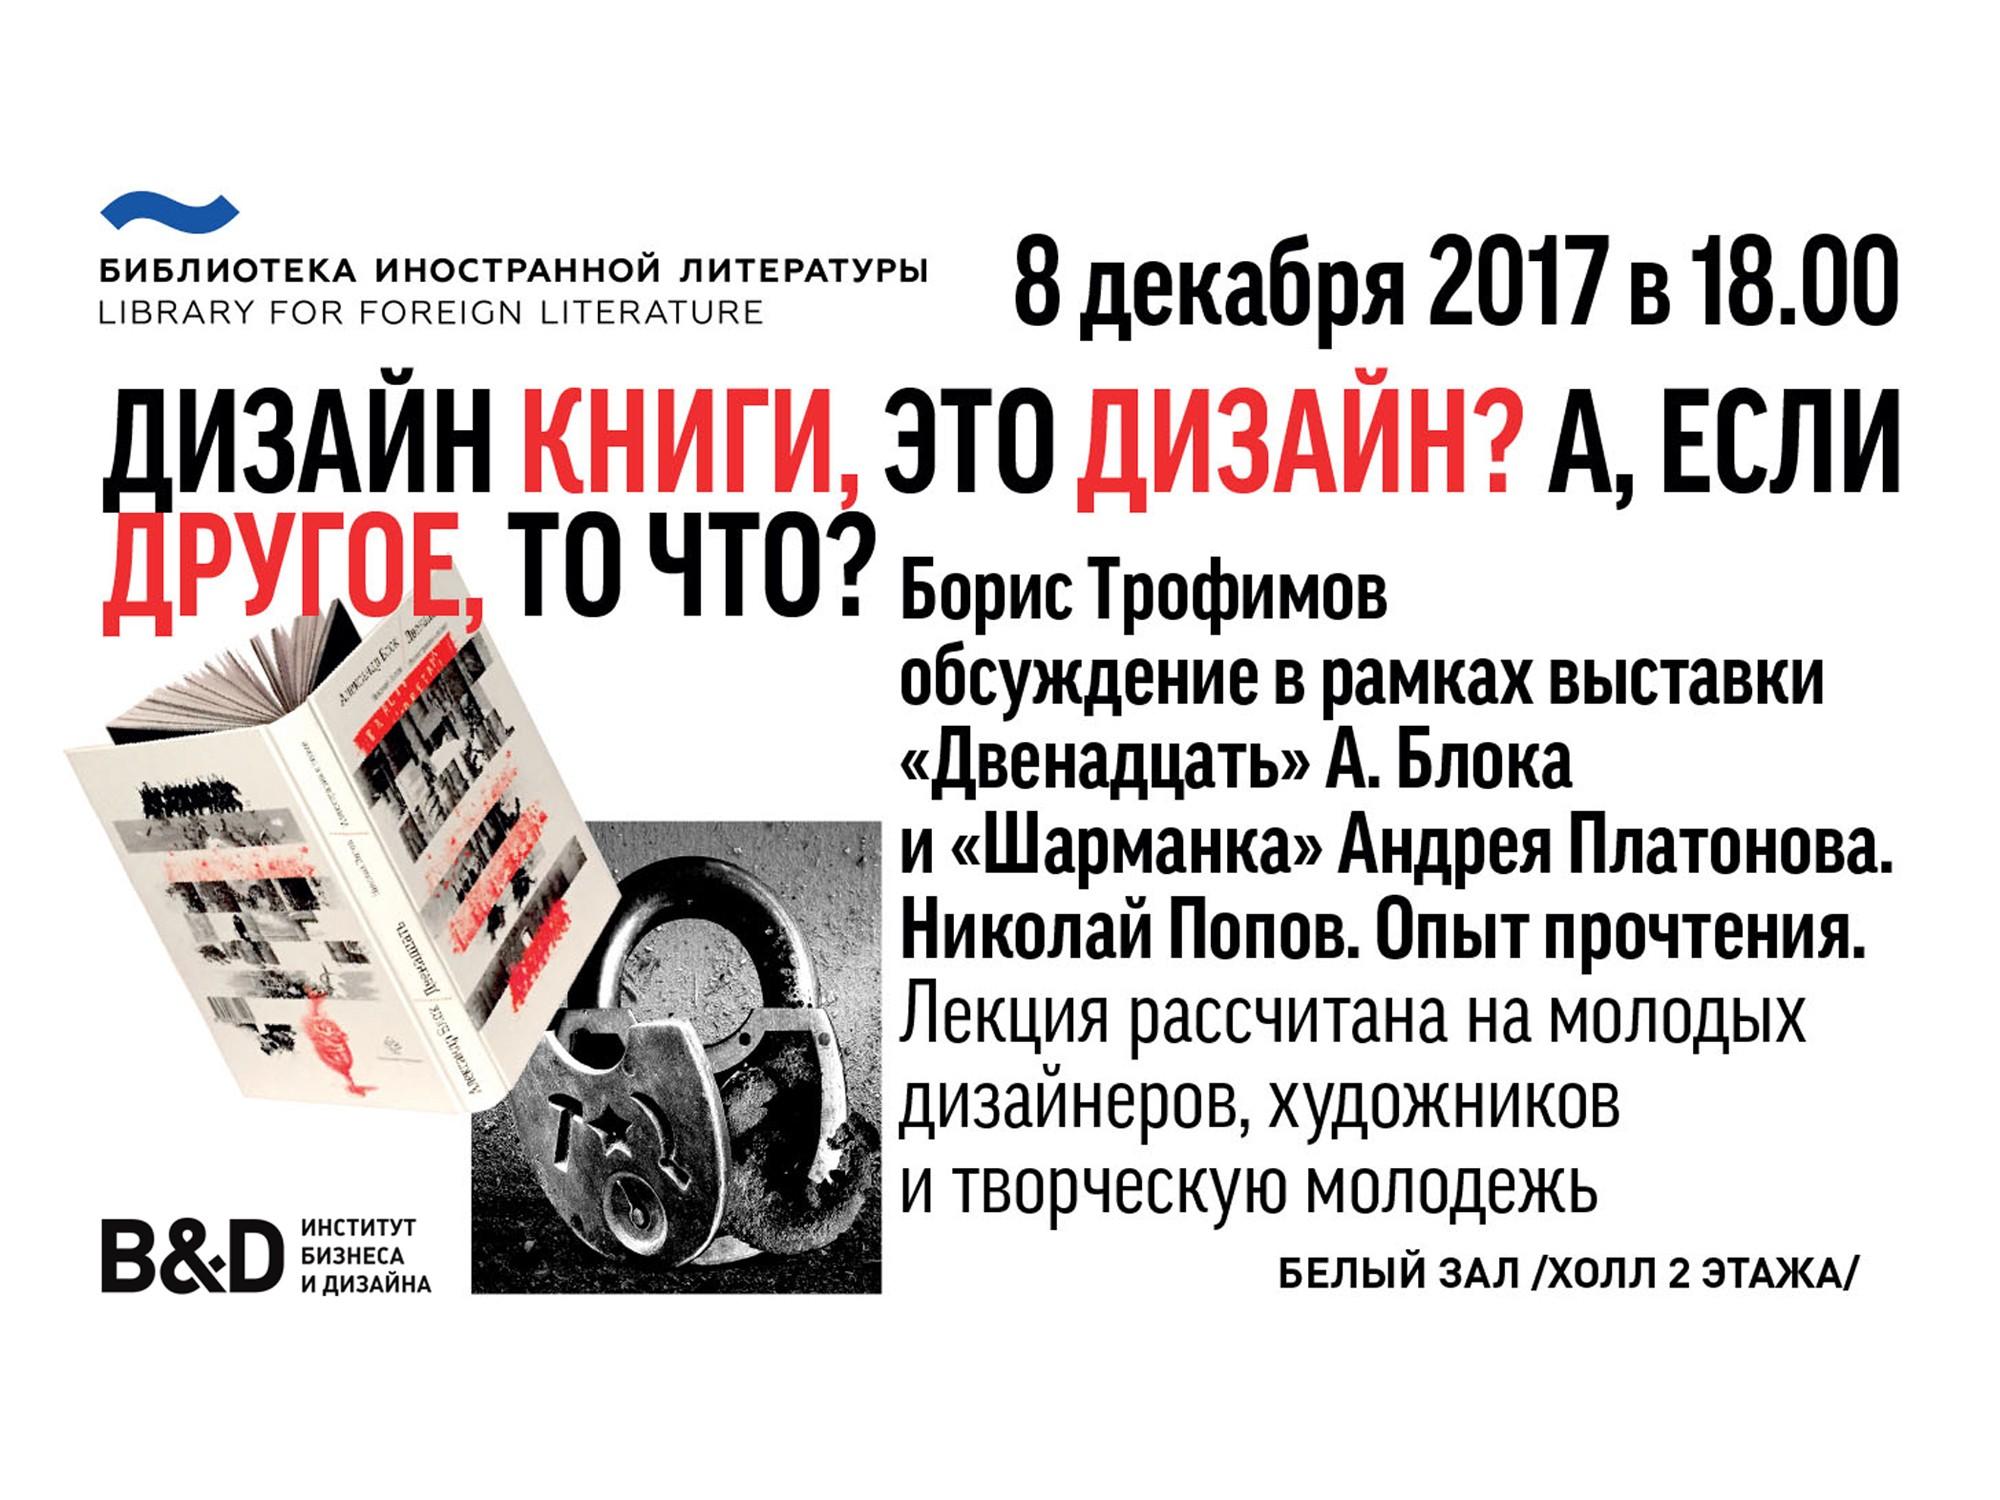 trofimov_lecture